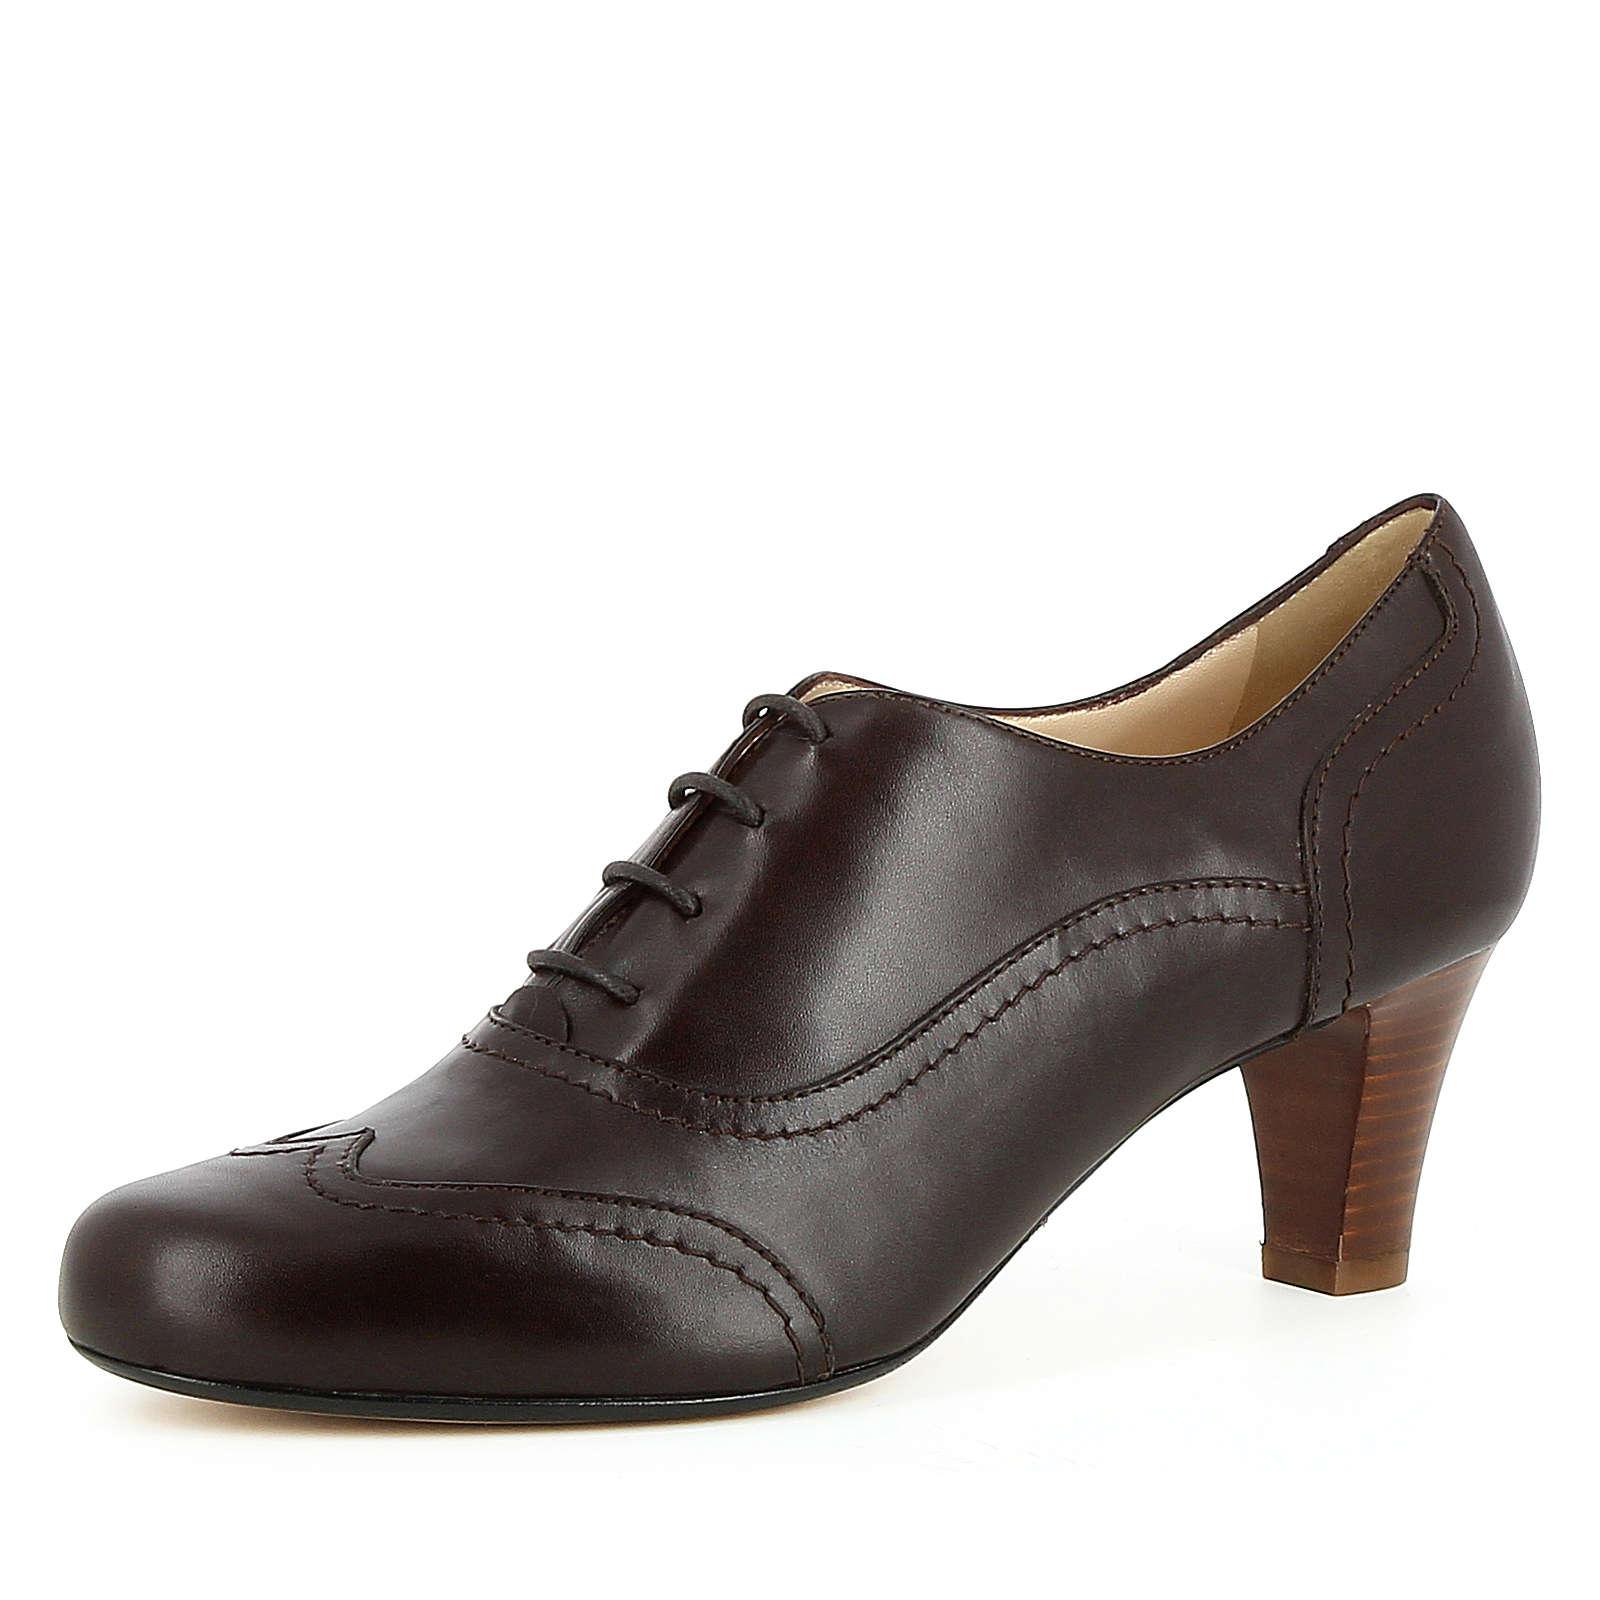 Evita Shoes Damen Pumps GIUSY Schnürpumps dunkelbraun Damen Gr. 36